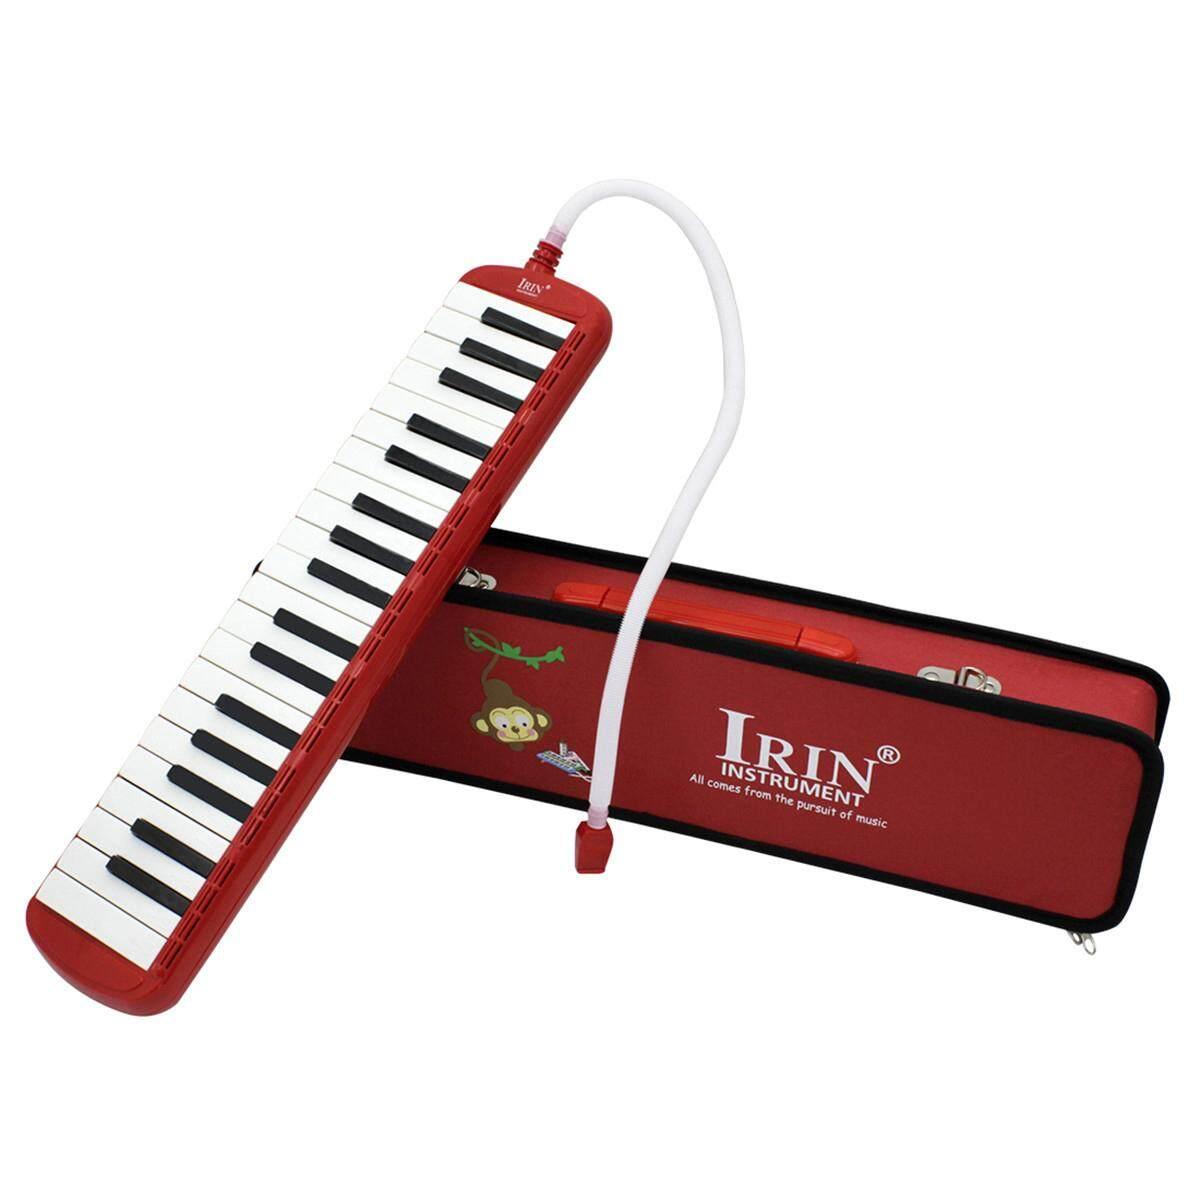 IRIN 37 Phím Đàn Piano Phong Cách Kèn Melodica Di Động Dụng Cụ Âm Nhạc & Túi Đựng